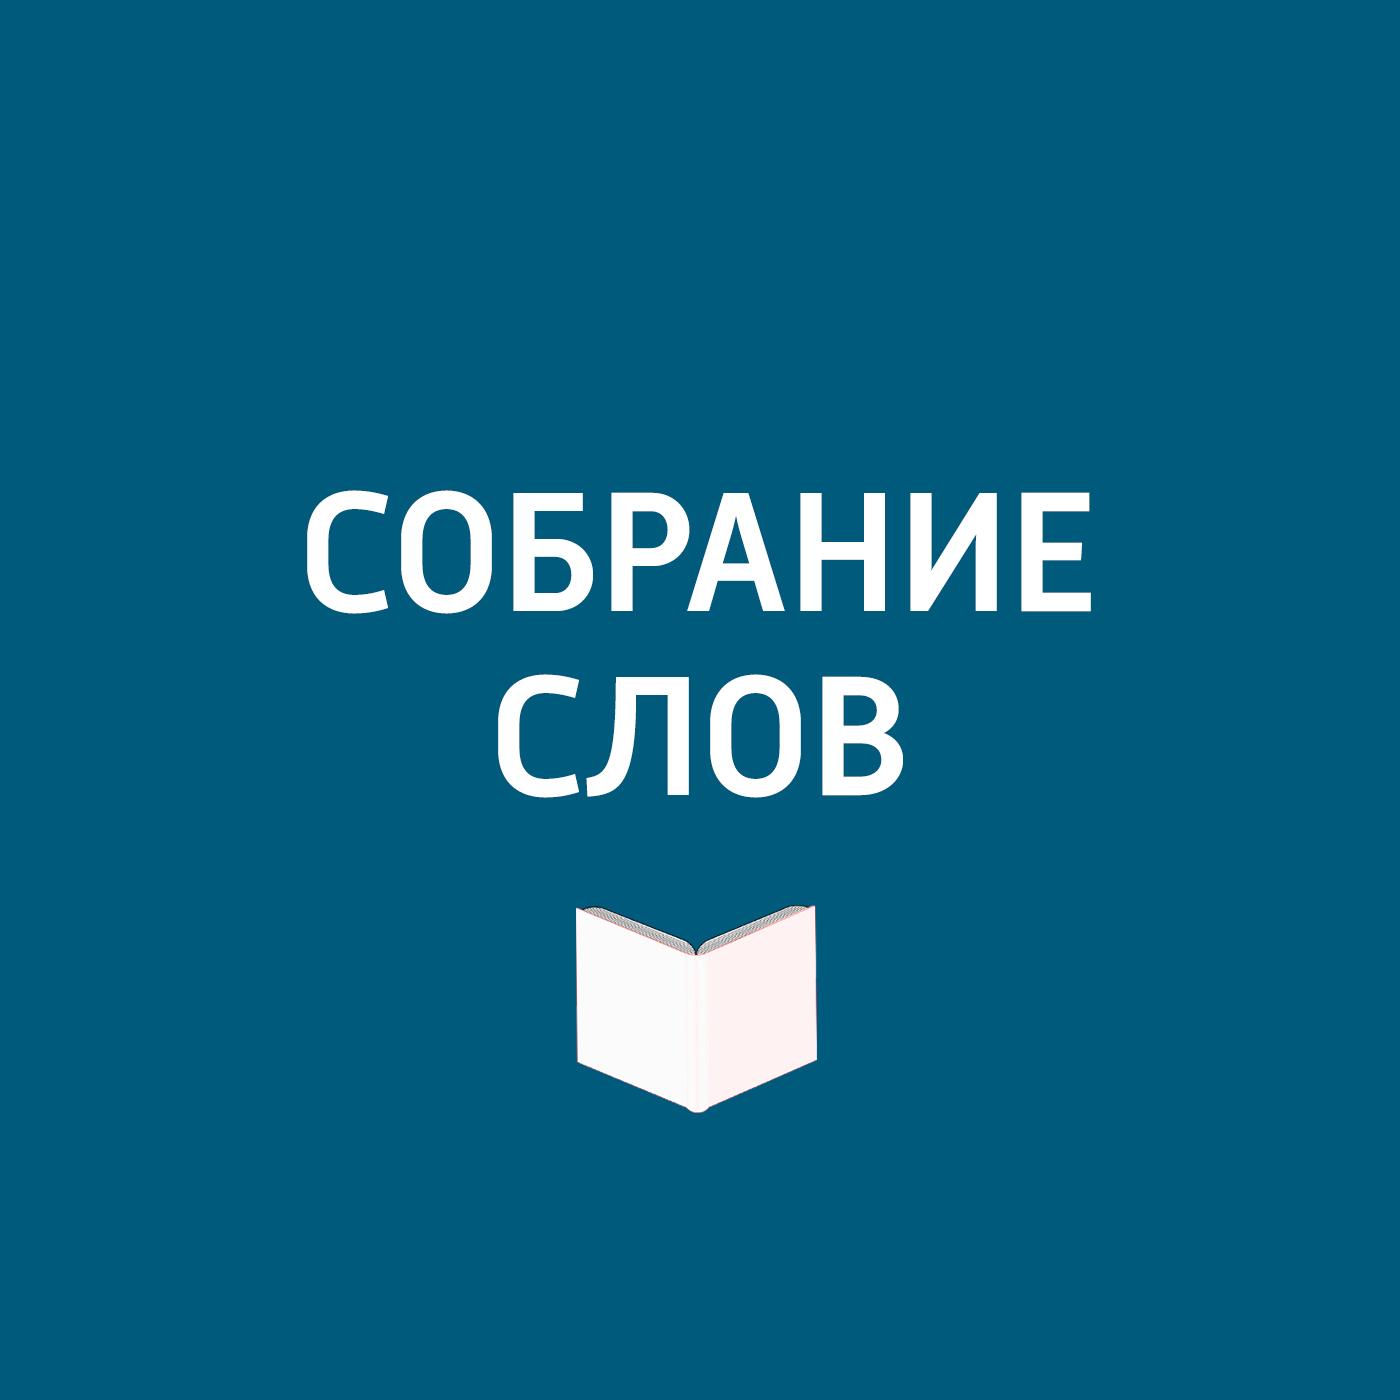 Творческий коллектив программы «Собрание слов» Большое интервью Галины Волчек цены онлайн